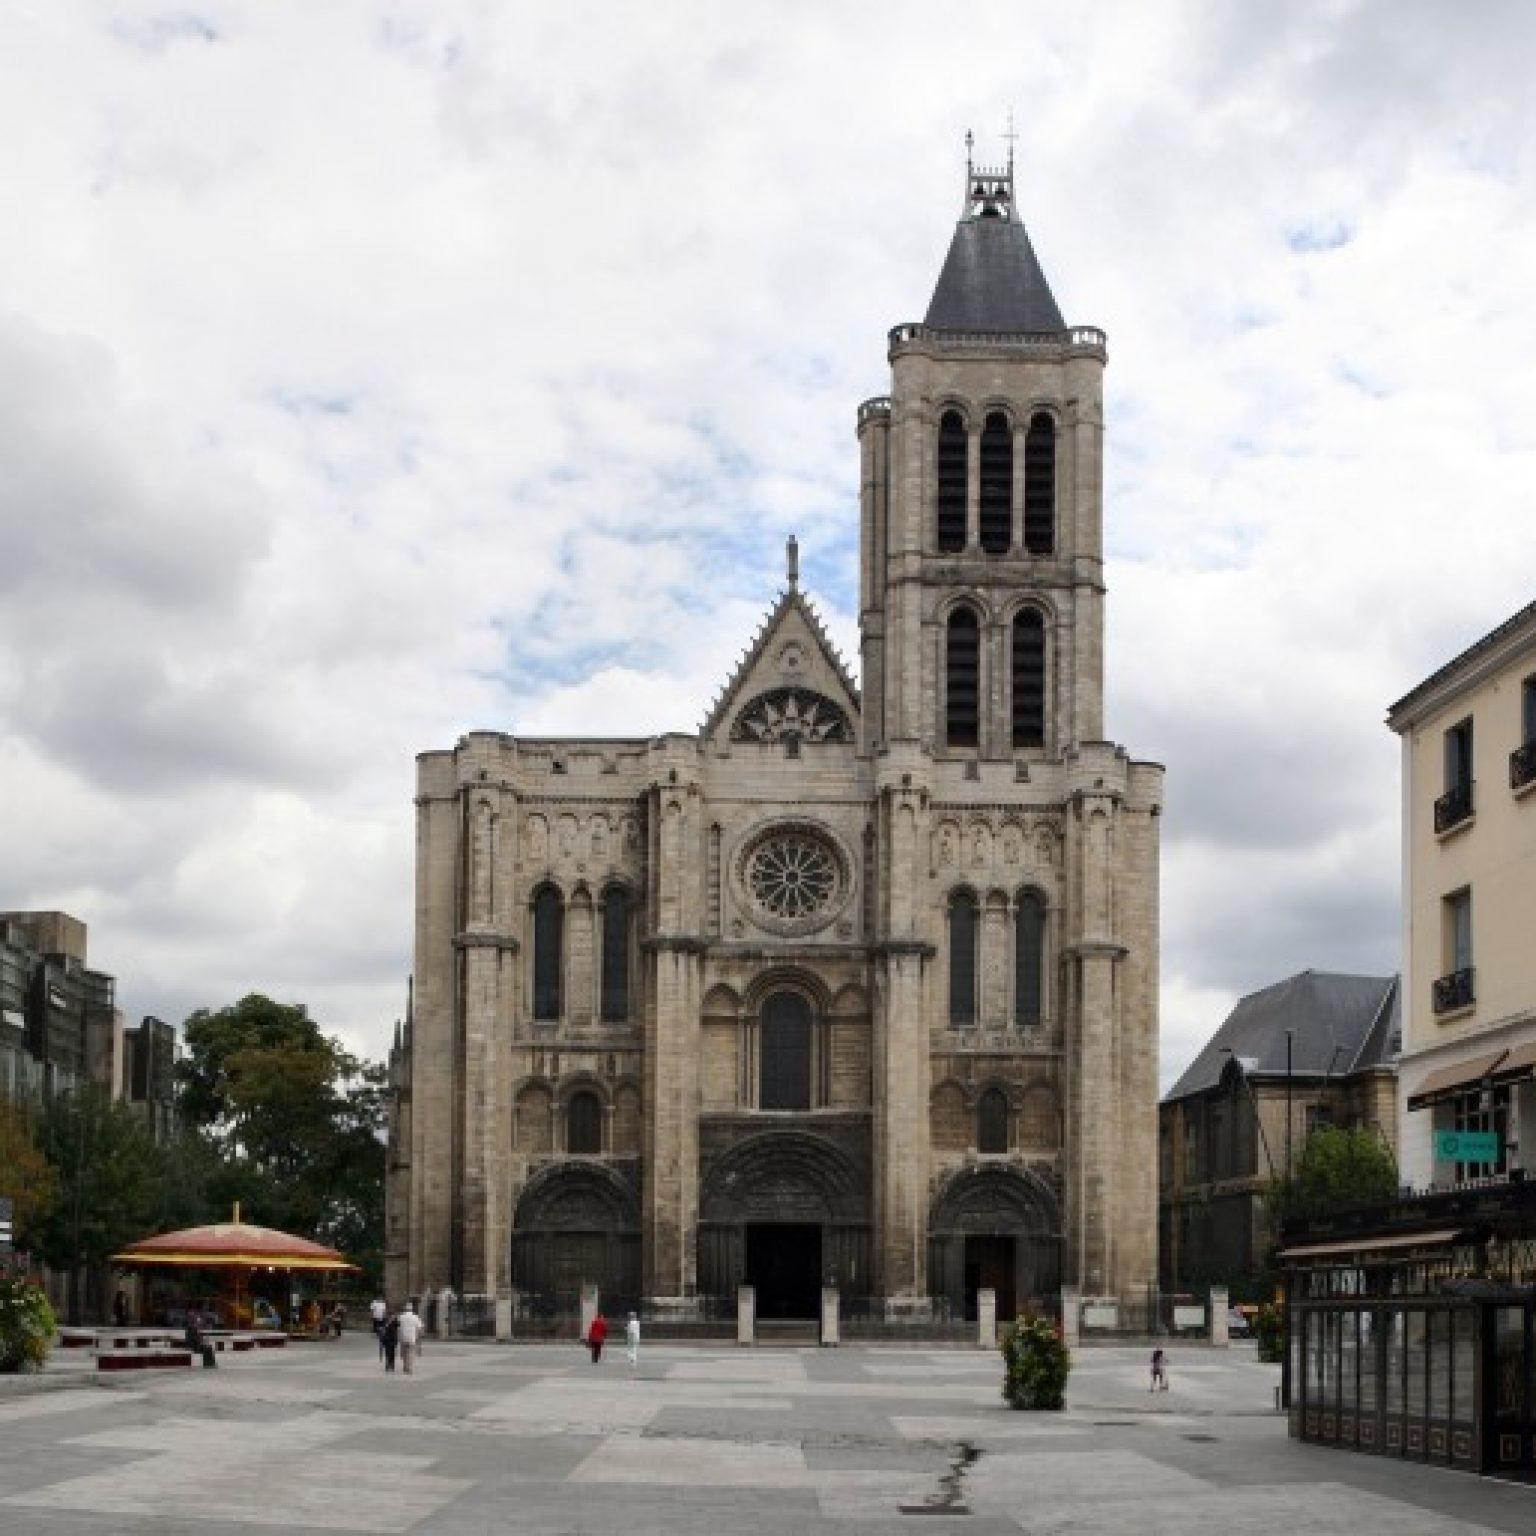 Что посмотреть в окрестностях Парижа: Базилика Сен-Дени